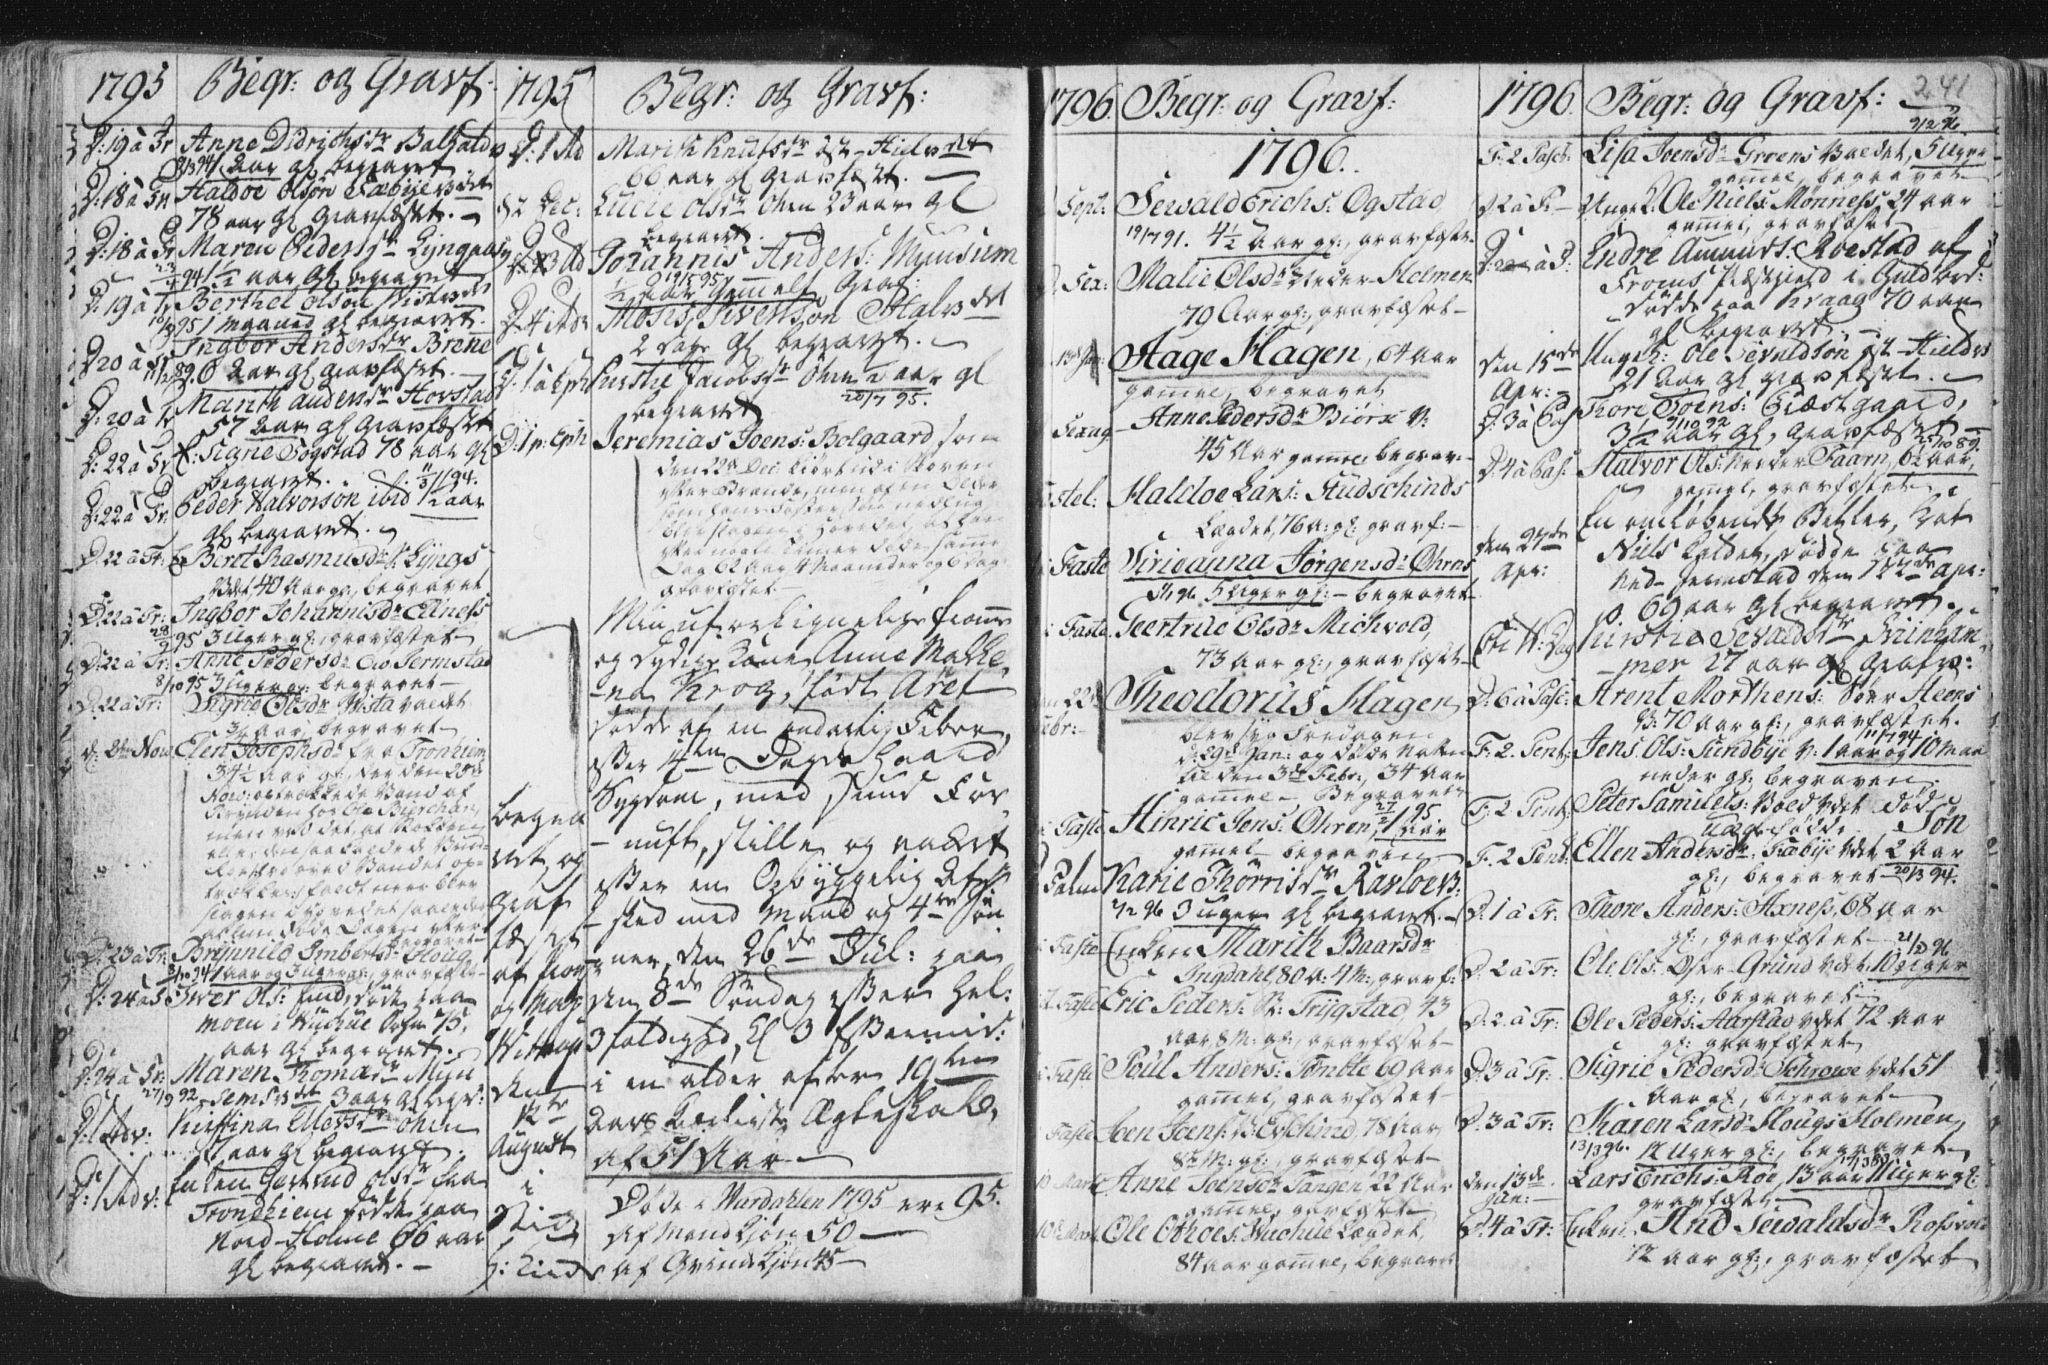 SAT, Ministerialprotokoller, klokkerbøker og fødselsregistre - Nord-Trøndelag, 723/L0232: Ministerialbok nr. 723A03, 1781-1804, s. 241